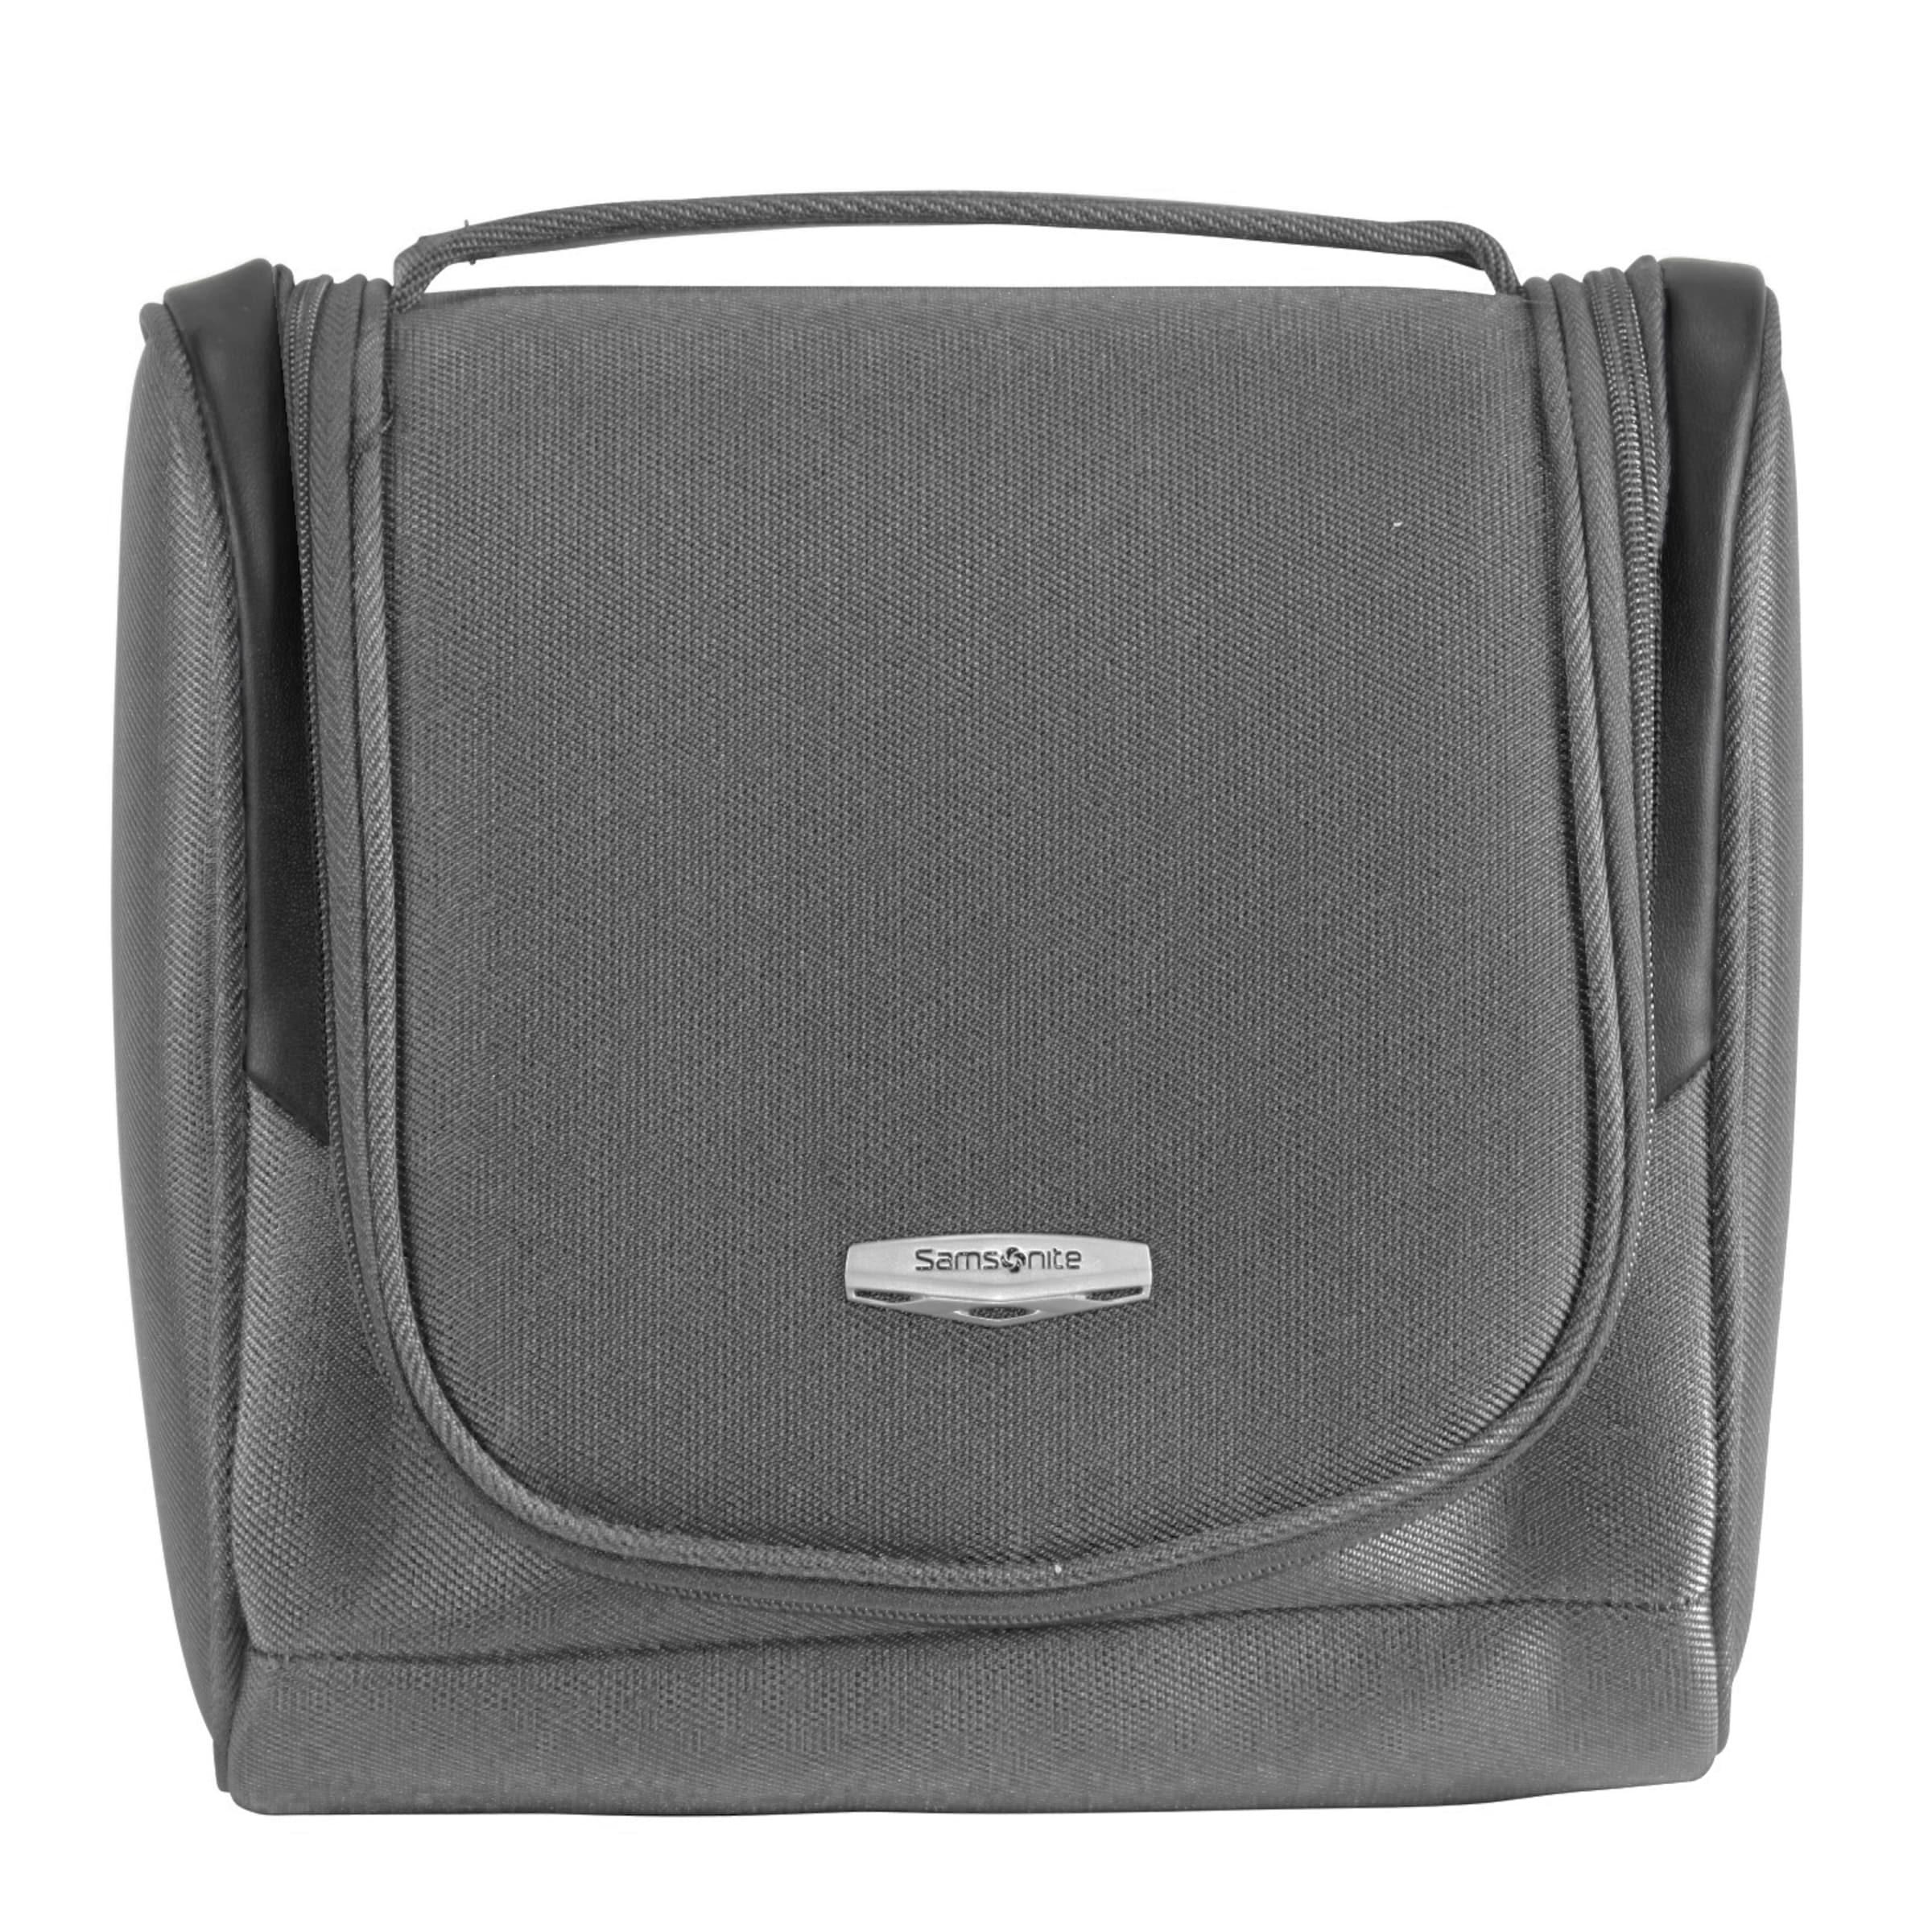 SAMSONITE X Blade 3.0 Toilet Kit Kulturtasche 25 cm Spielraum Manchester X5Lb7tYFFd